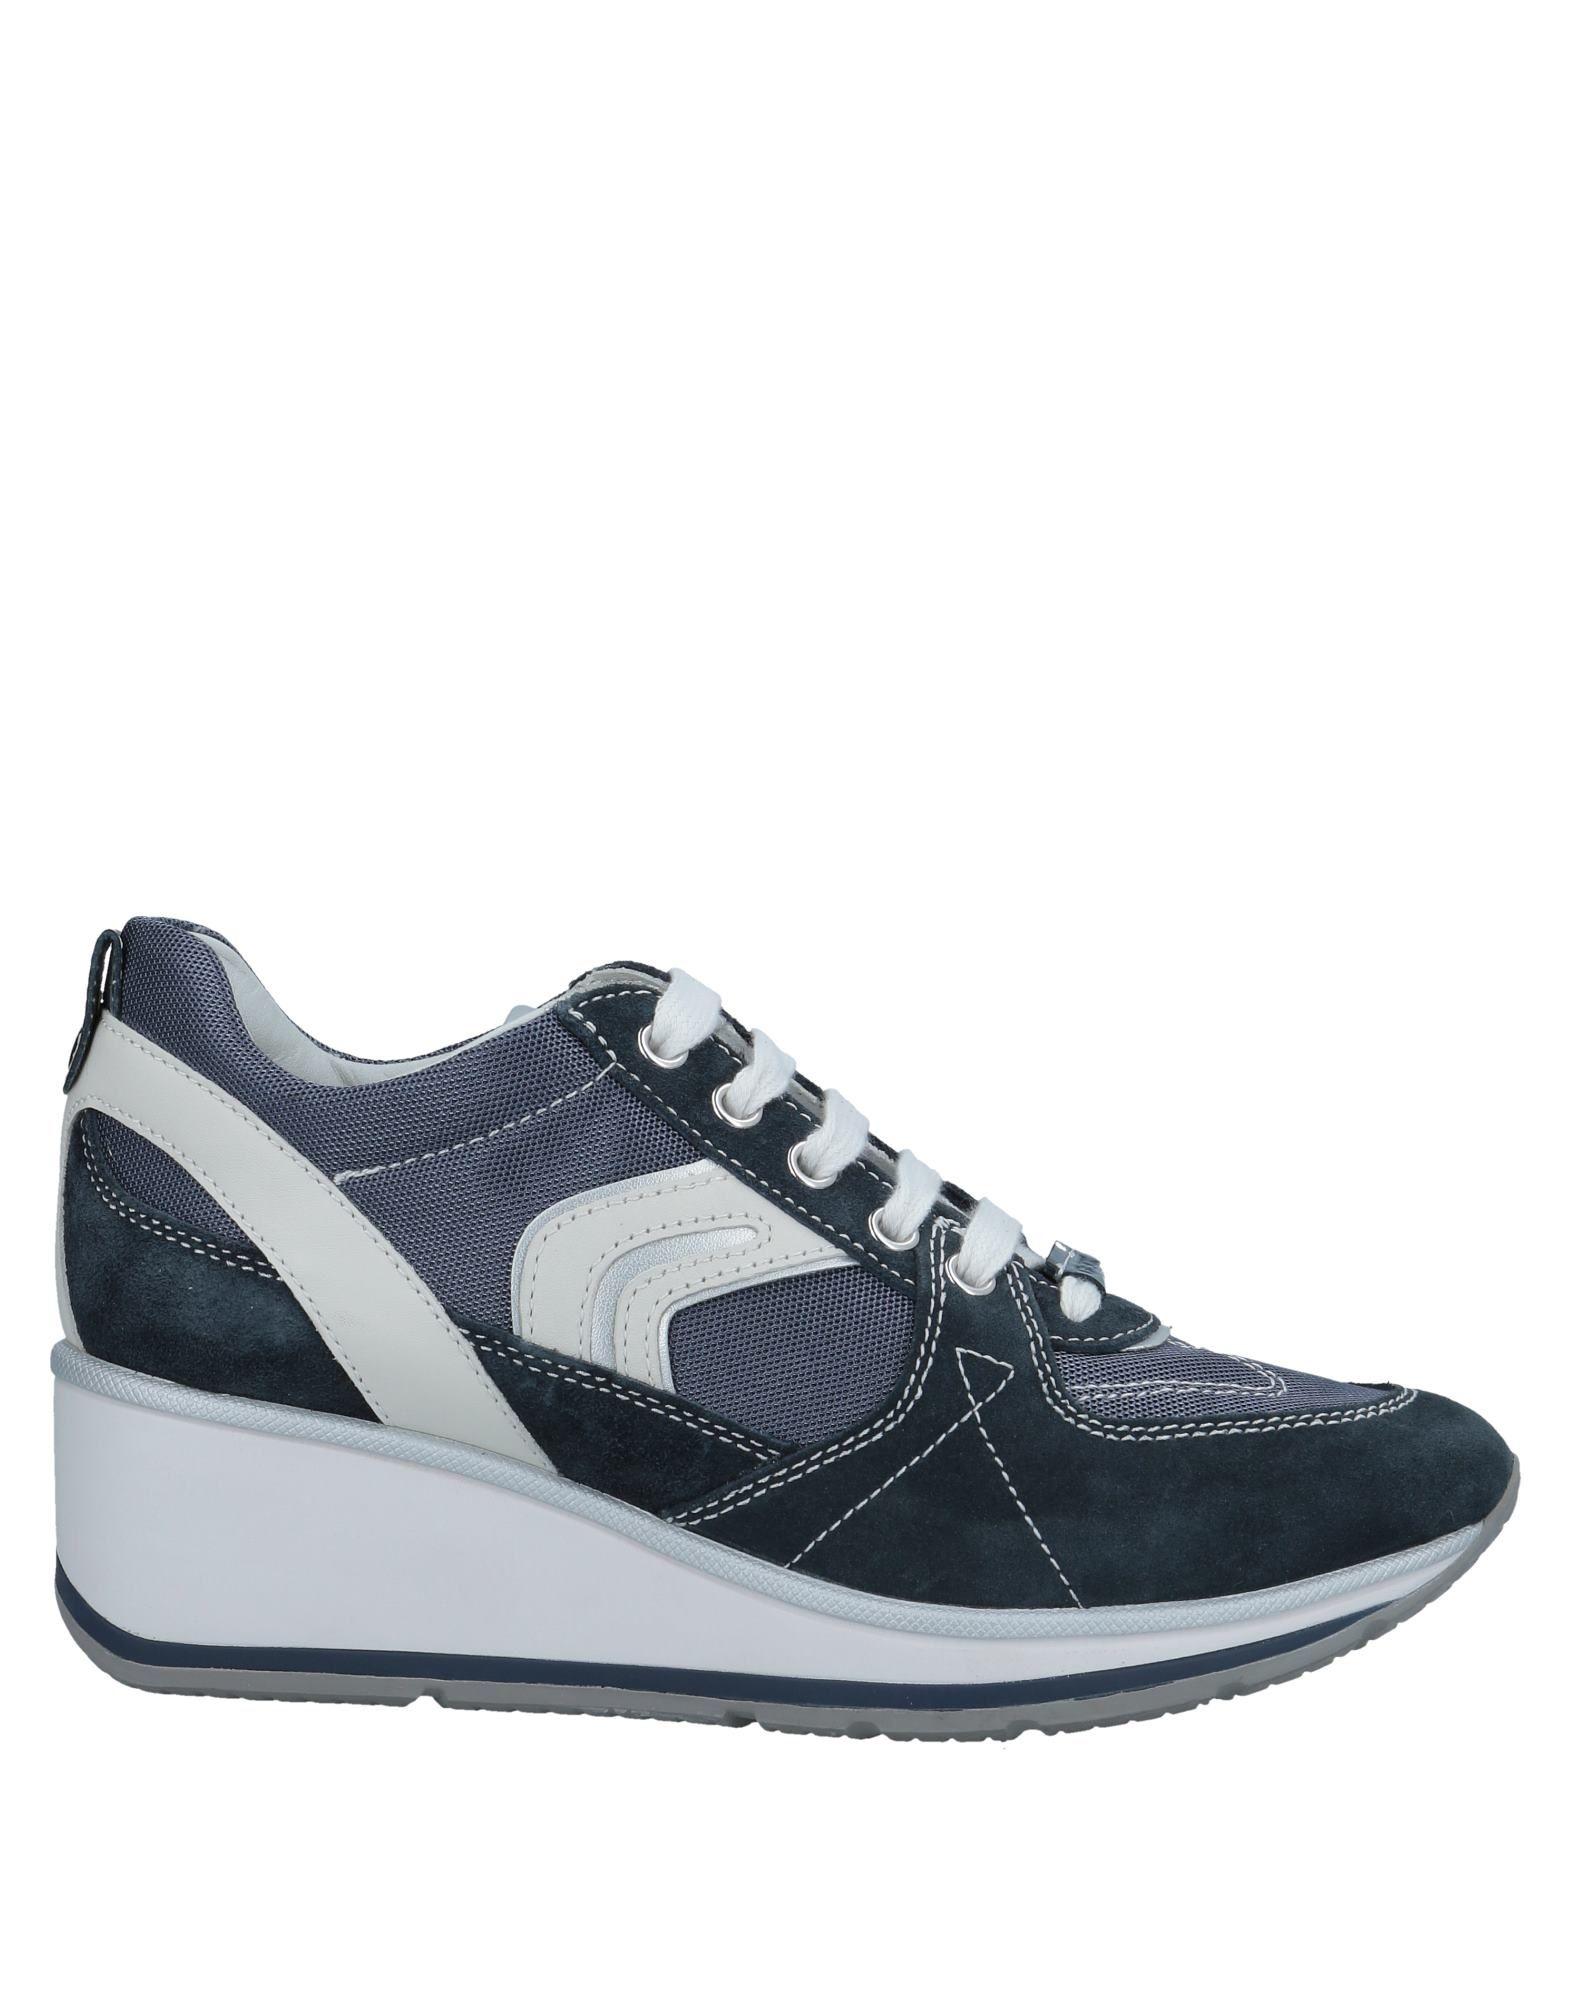 Sneakers Geox Donna - 11547933HI Scarpe economiche e buone